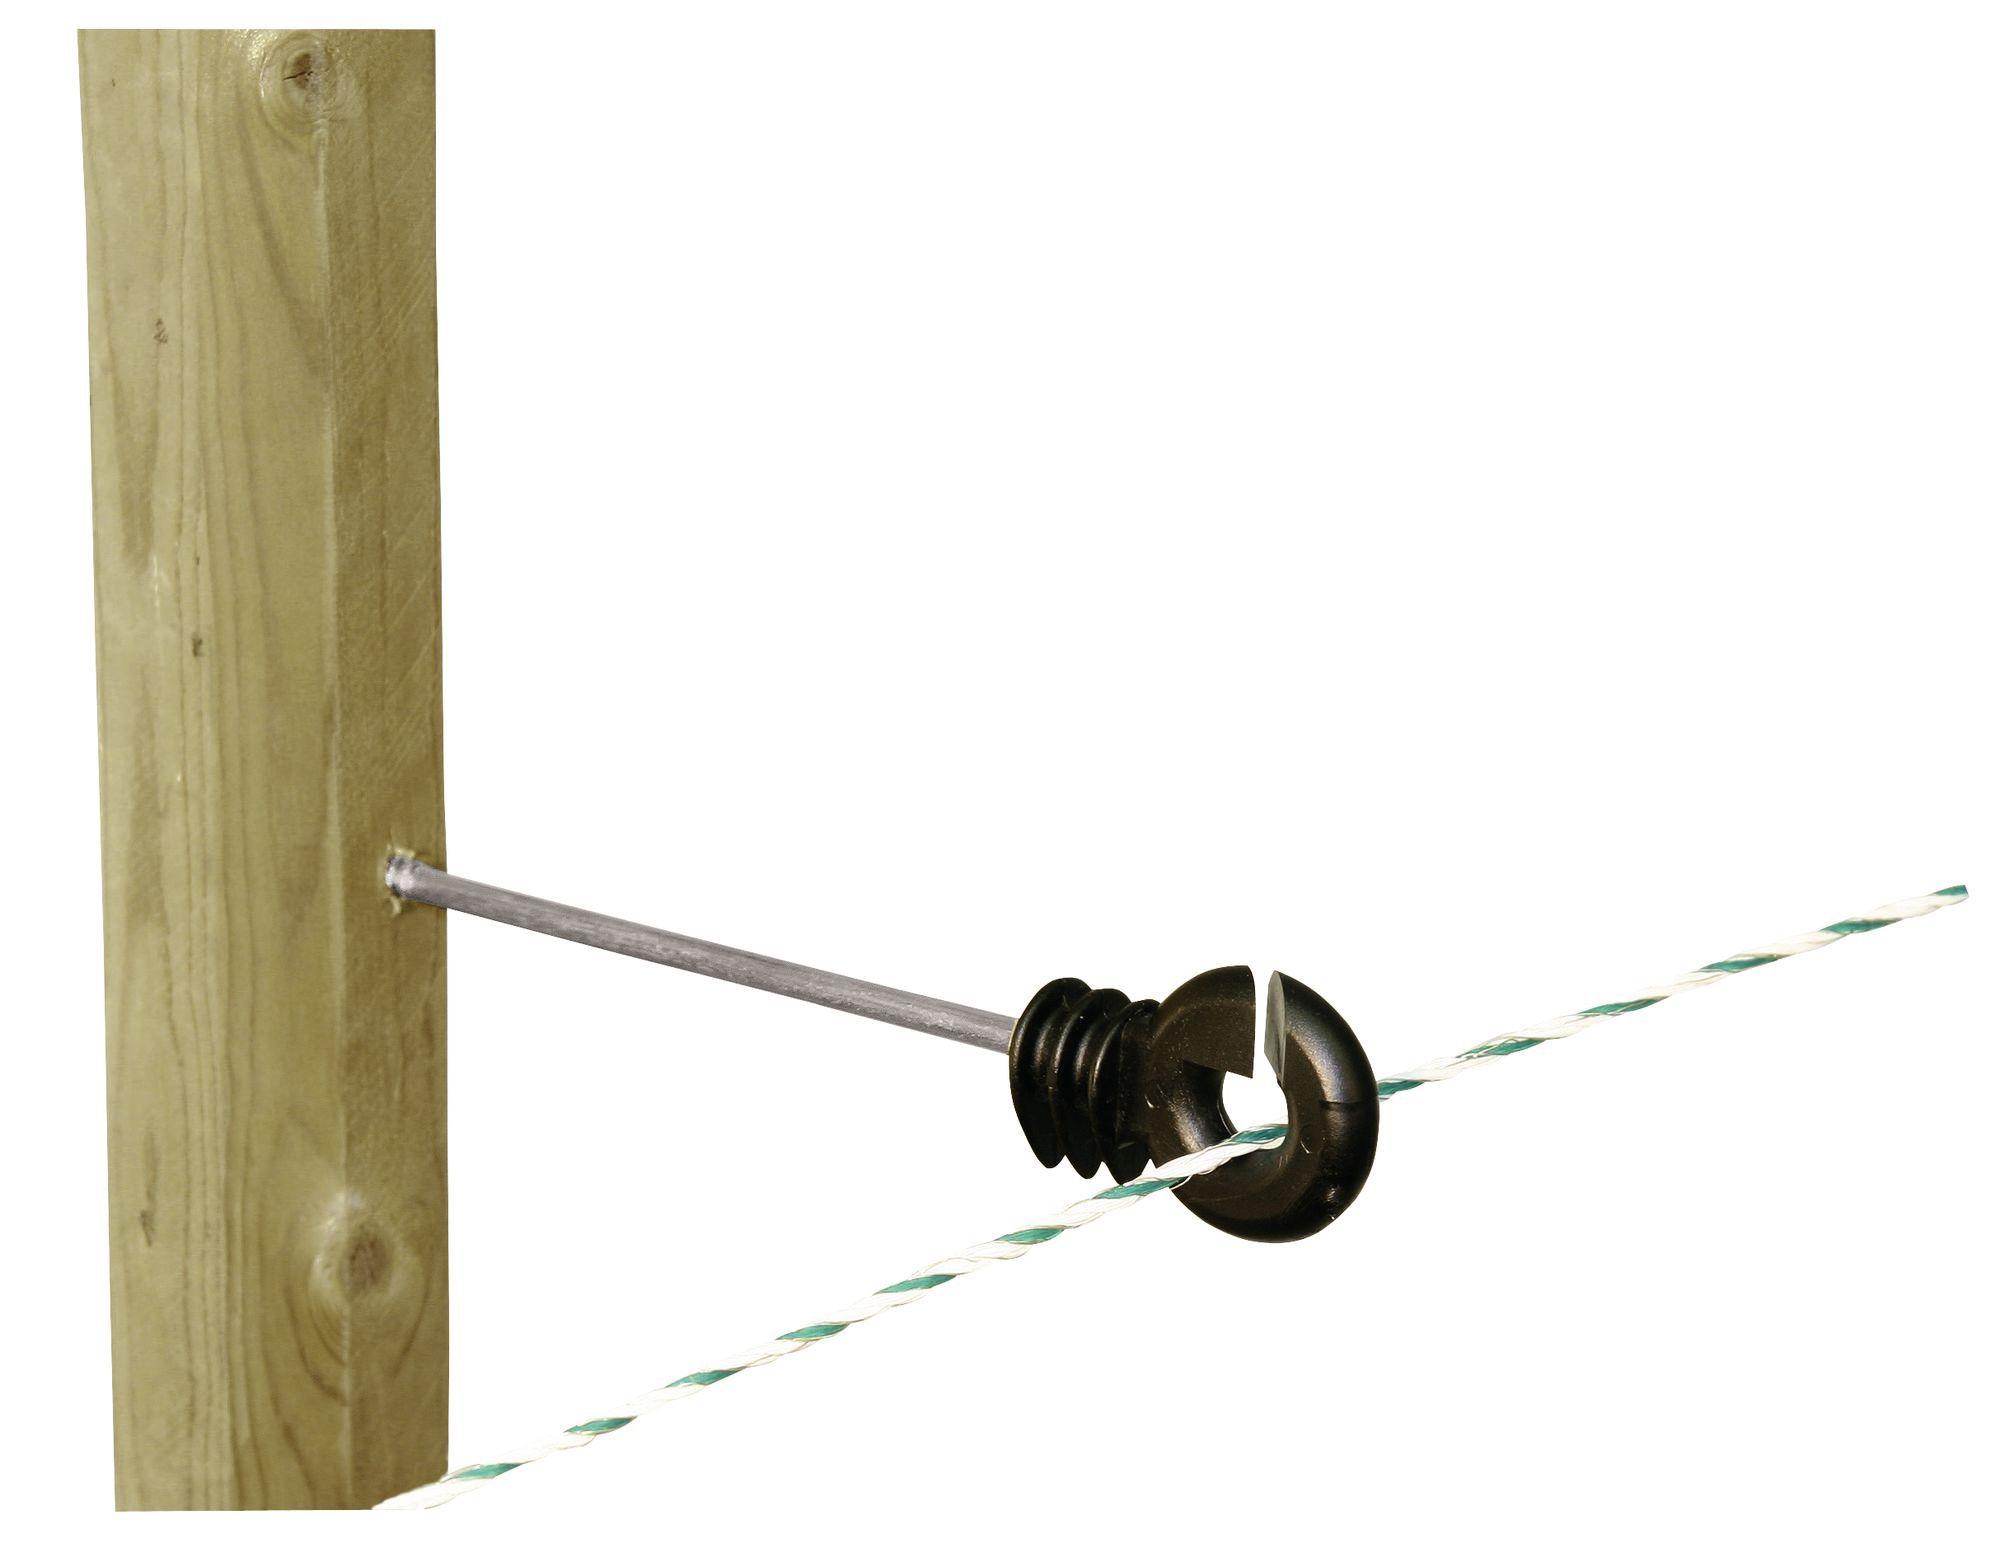 Stütze 22 cm lang AKO Langstiel 441480 Ringisolator Abstandhalter 10 Stück